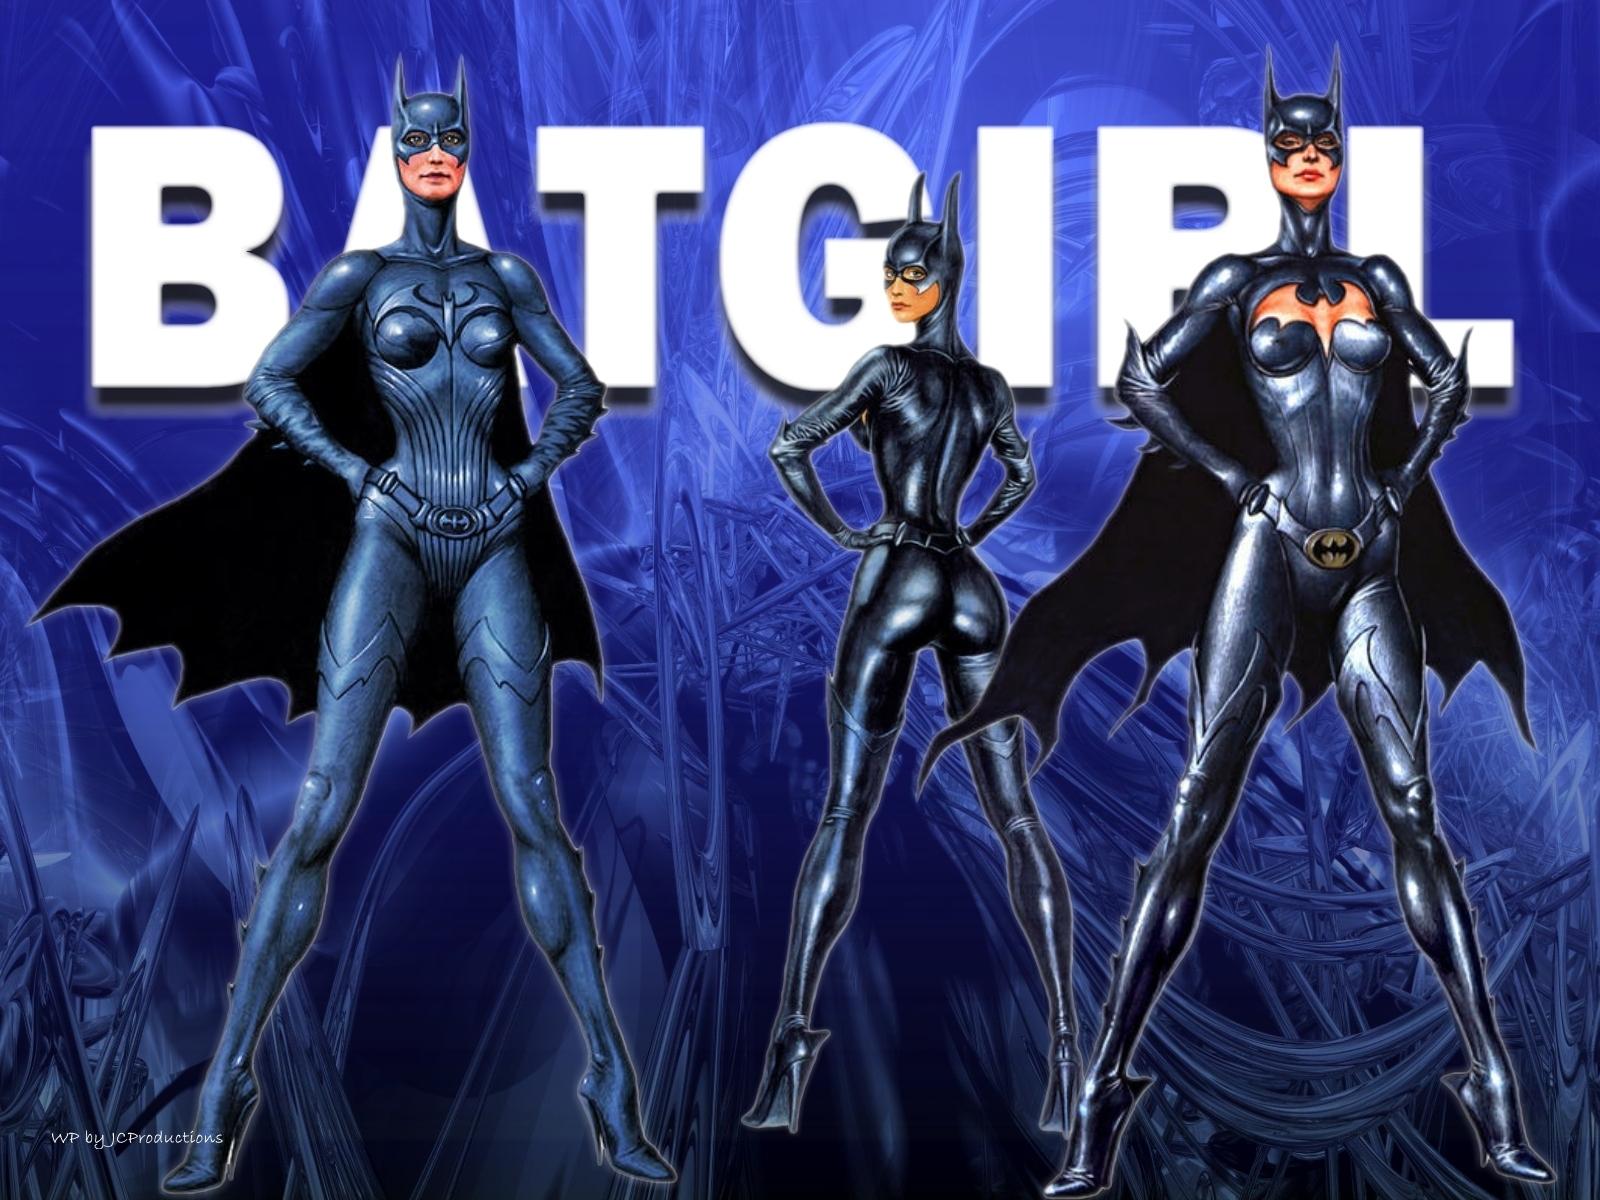 batgirl from dc comics wallpaper - photo #7